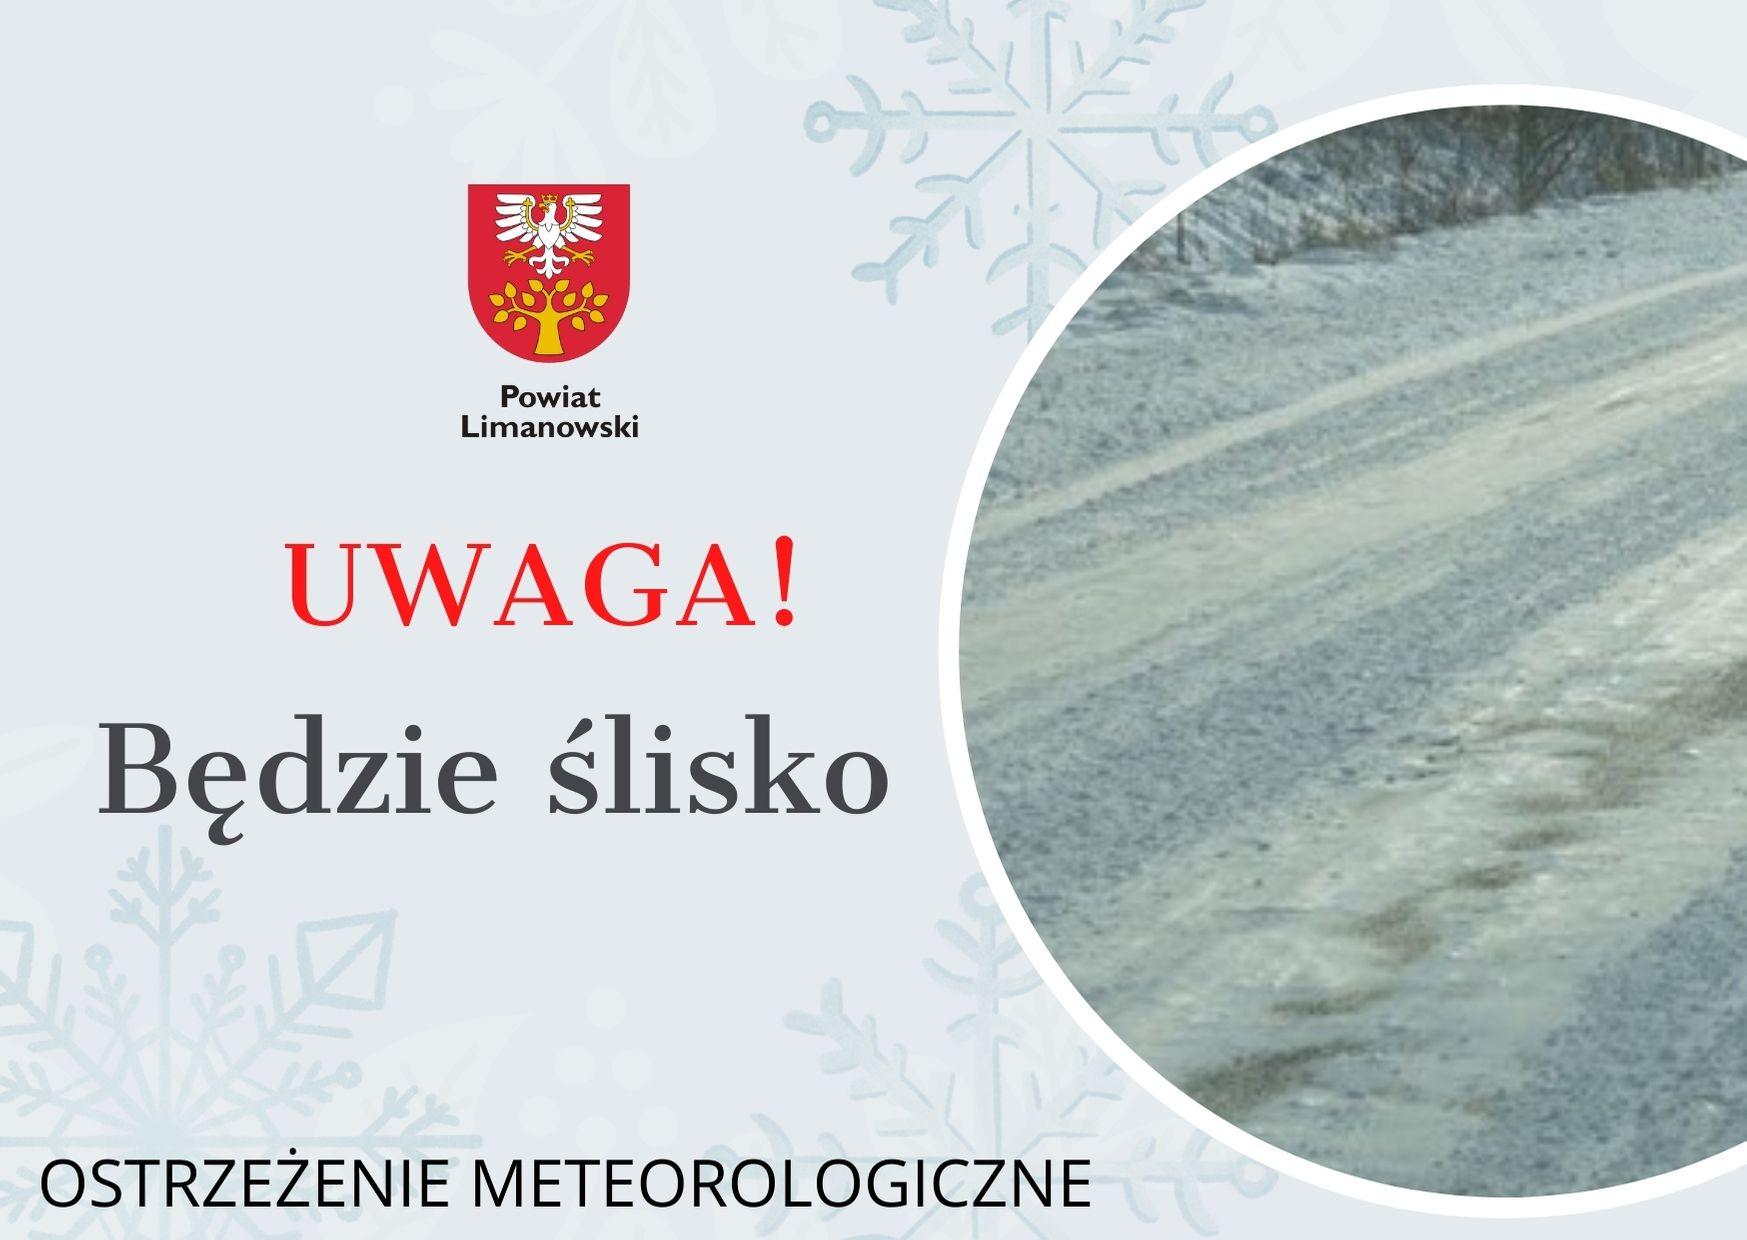 plakat - ostrzeżenie meteorologiczne - Uwaga! Będzie ślisko!